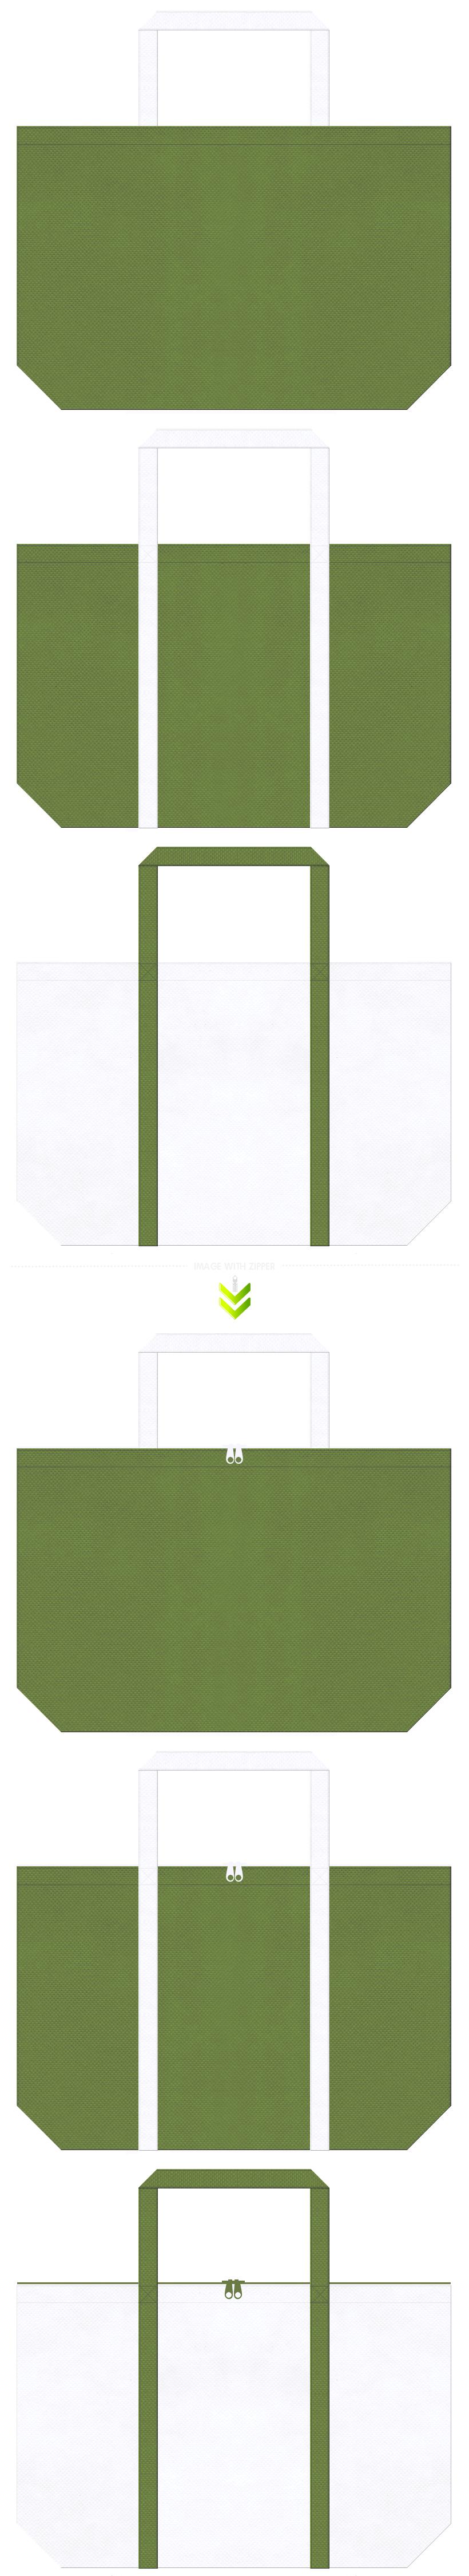 草色と白色の不織布バッグデザイン。抹茶氷のイメージにお奨めです。